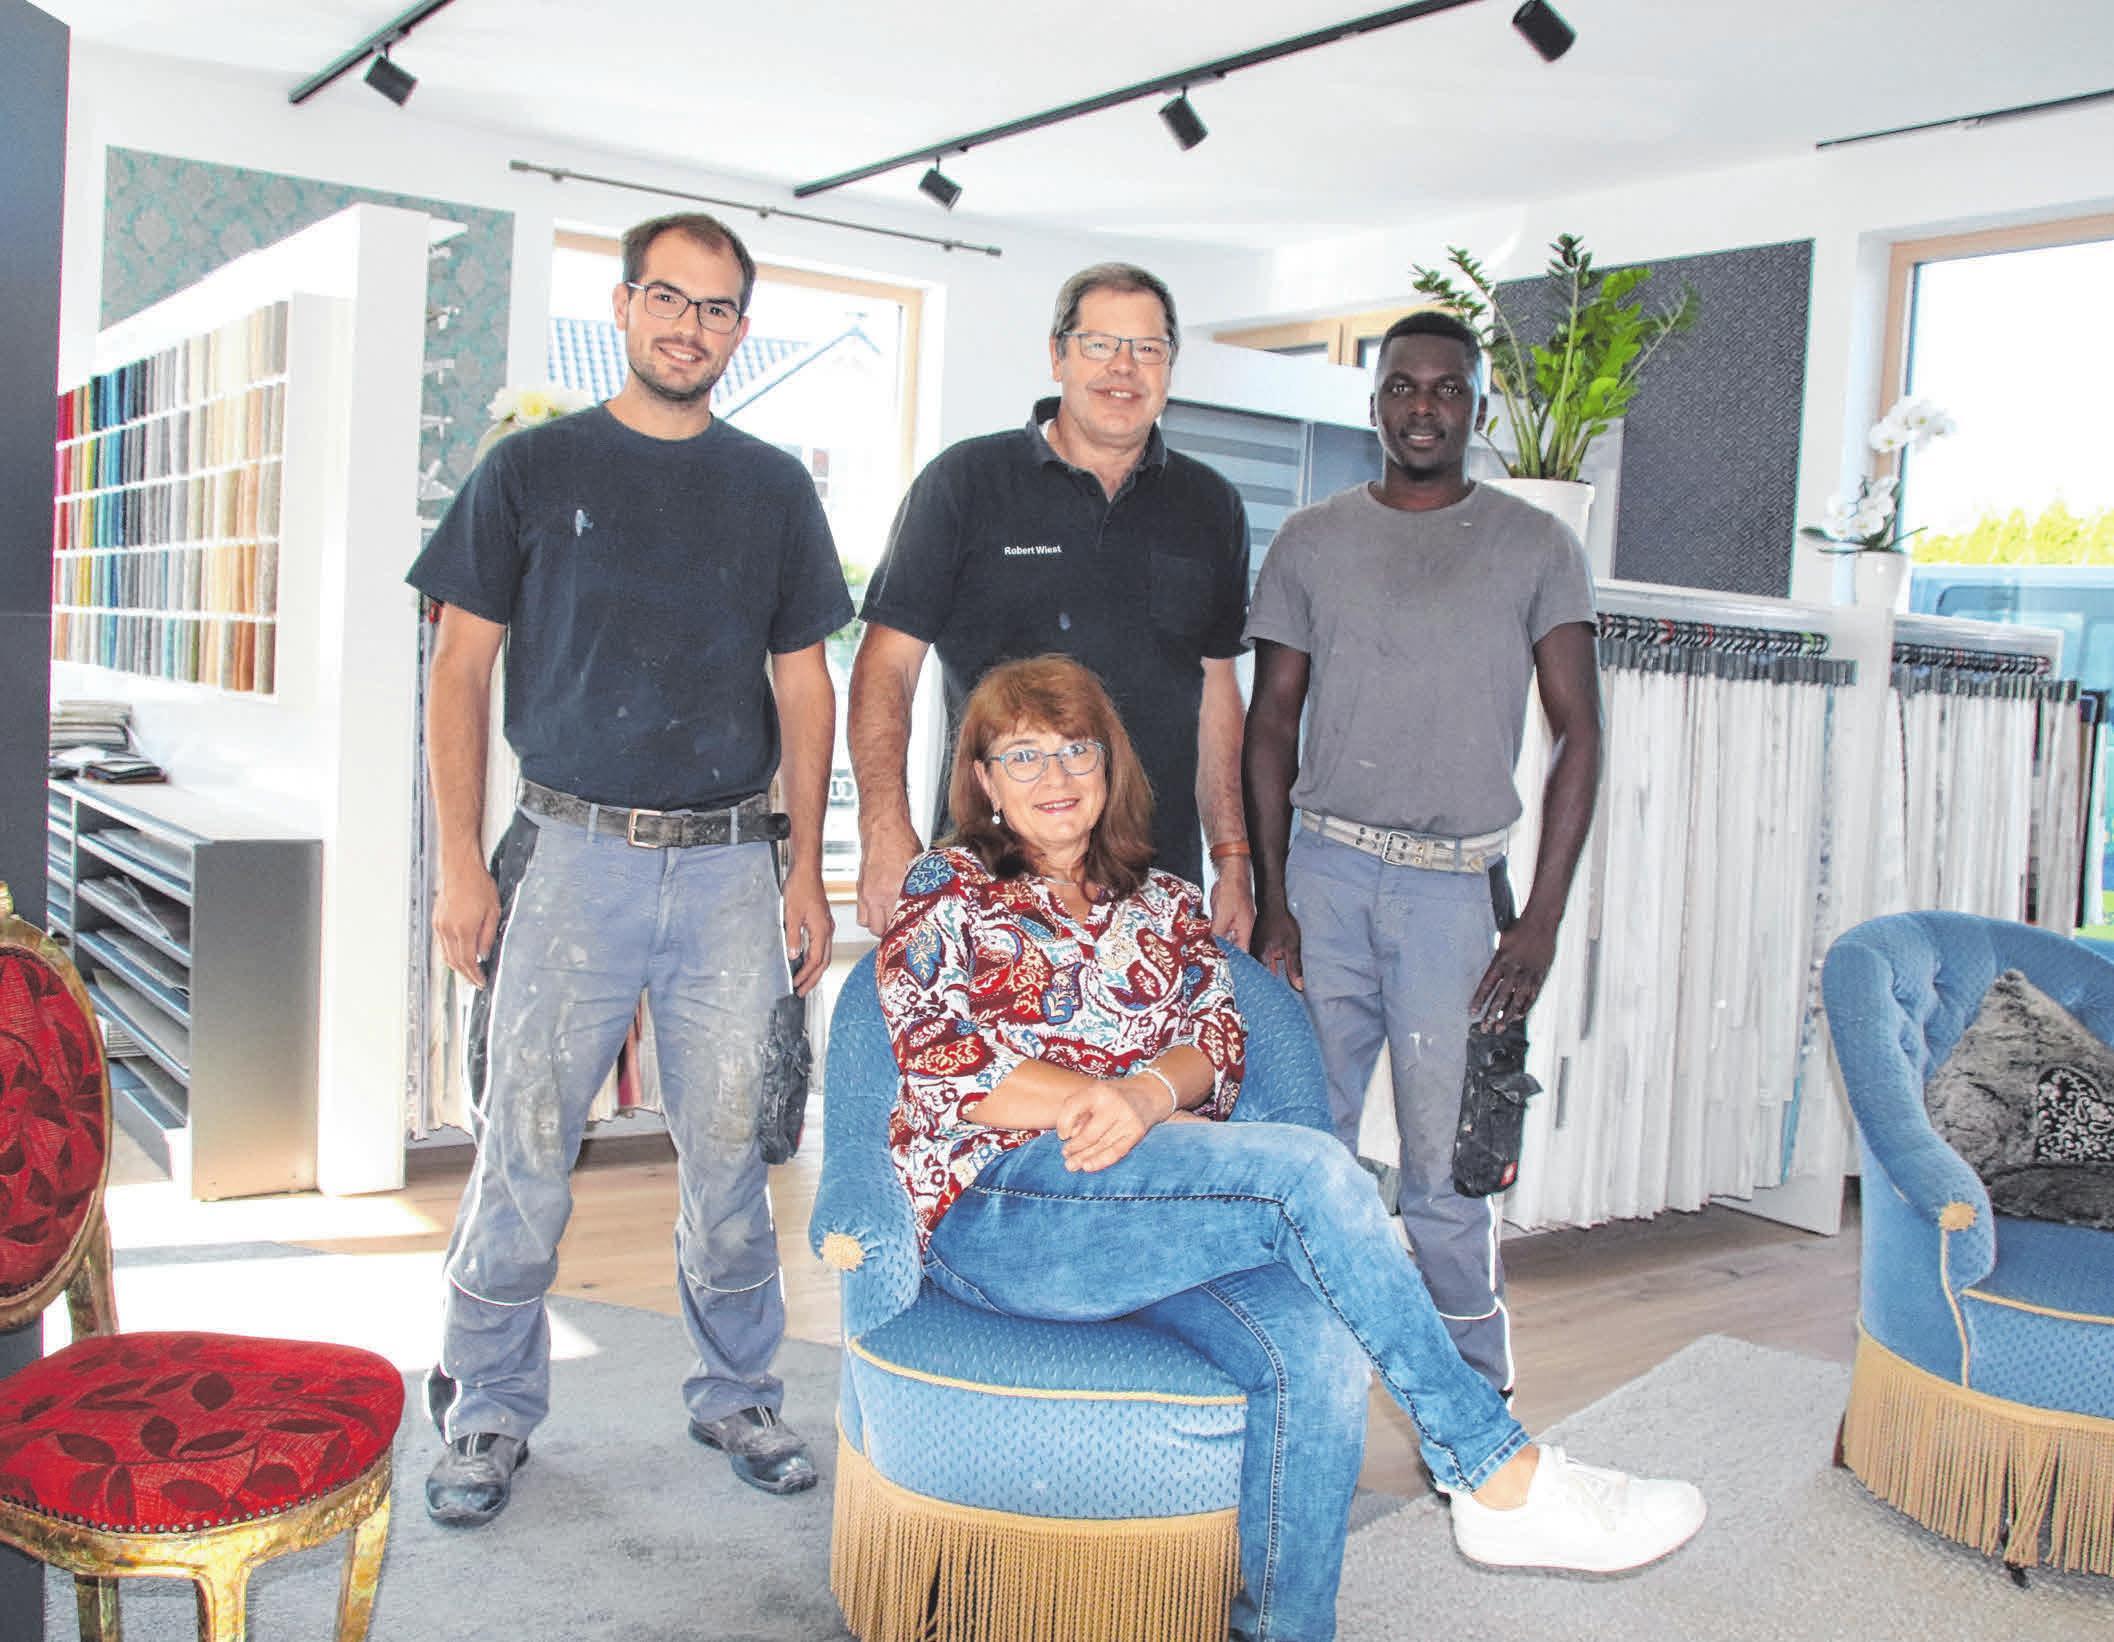 Sie sorgen für Ideen und einen reibungslosen Ablauf: v.l. Thomas und Robert Wiest, Ebrima Gaye und Anita Wiest (vorn). FOTO: MARKUS